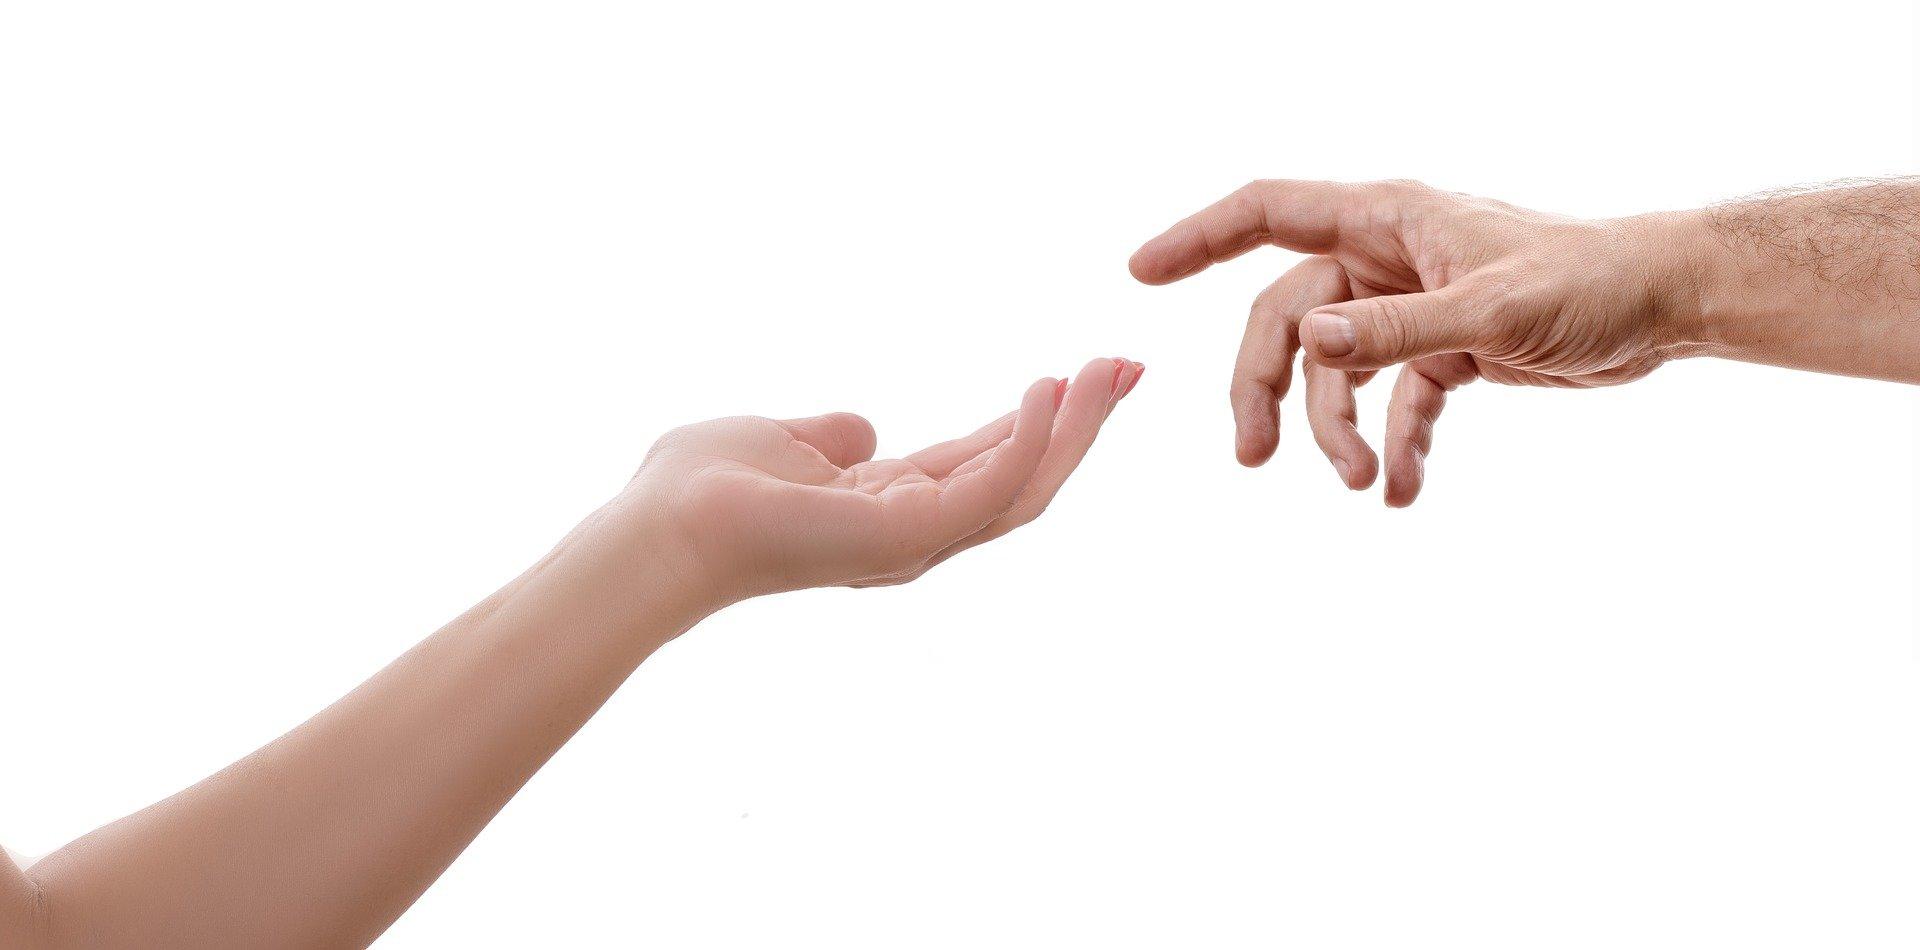 Artrosis: Por qué se produce, cómo se cura y cuáles son los síntomas